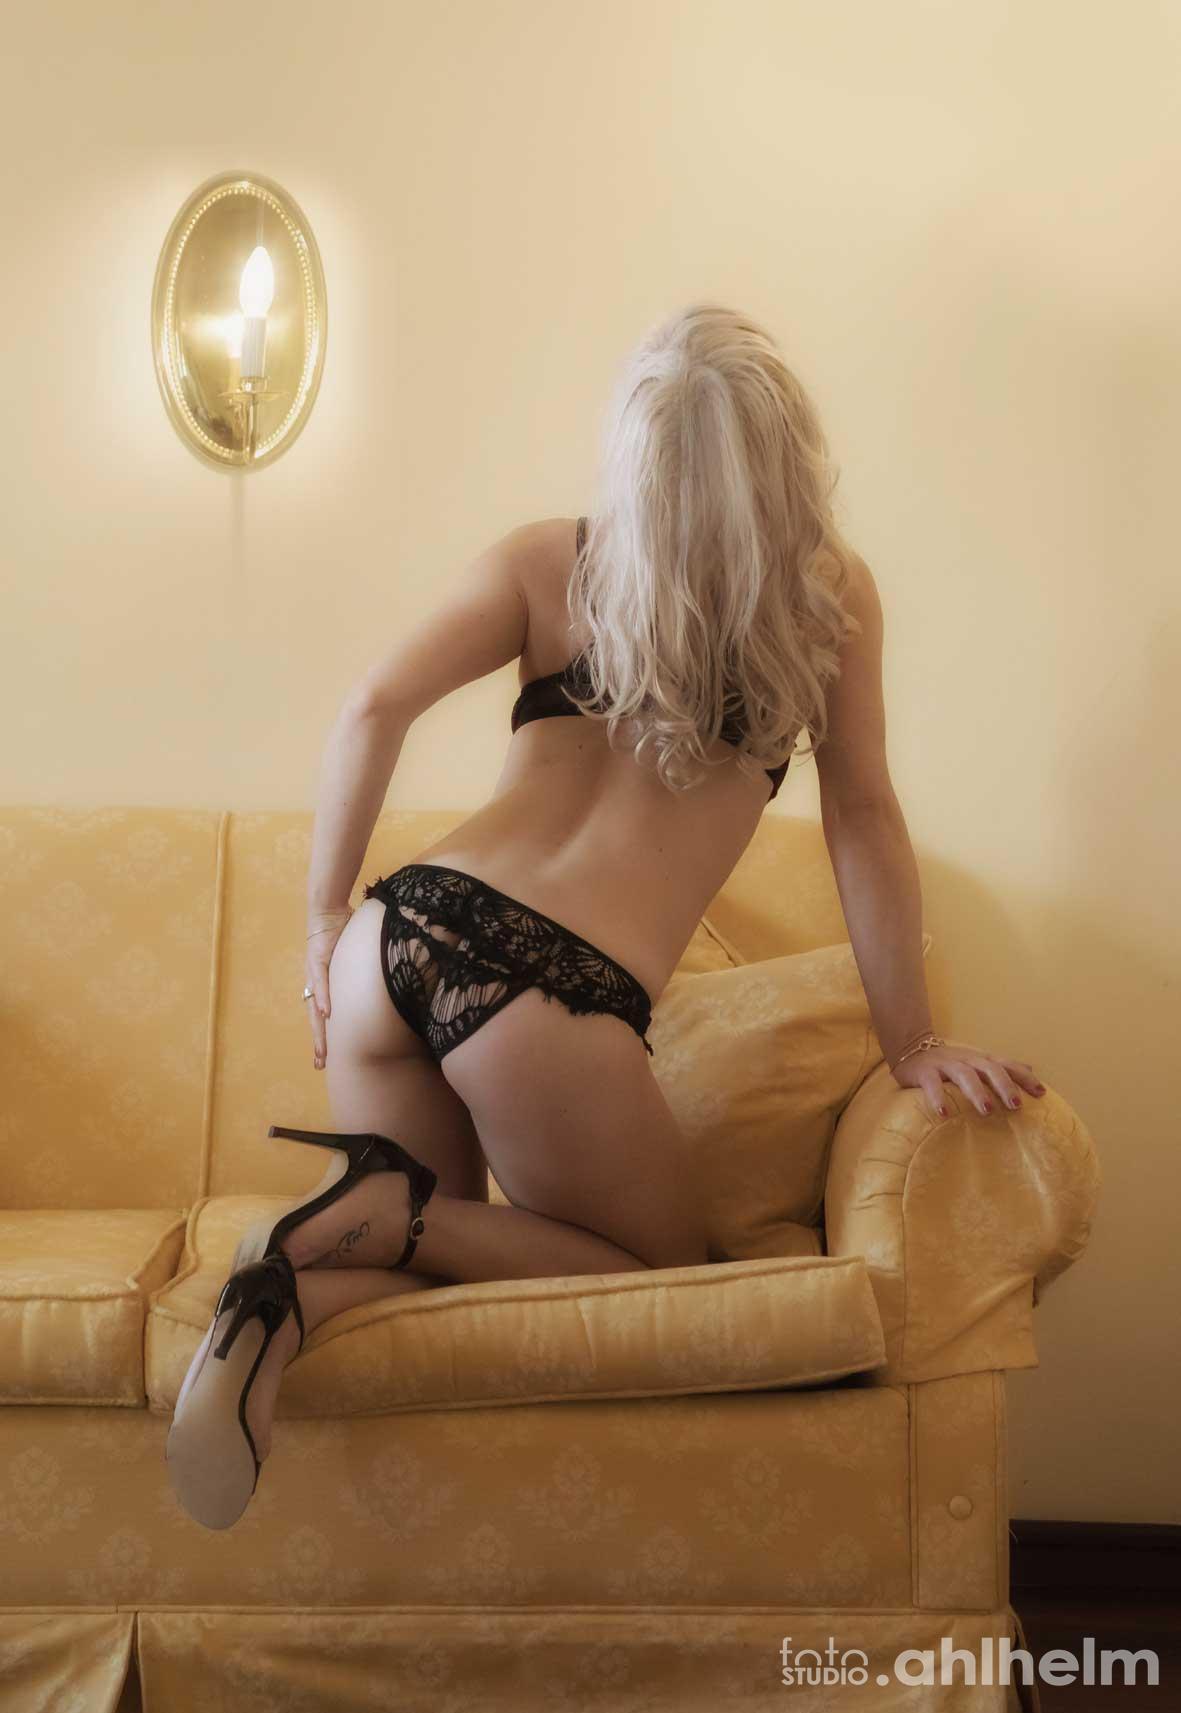 Fotostudio Ahlhelm Indoor Fotografie Erotik 4